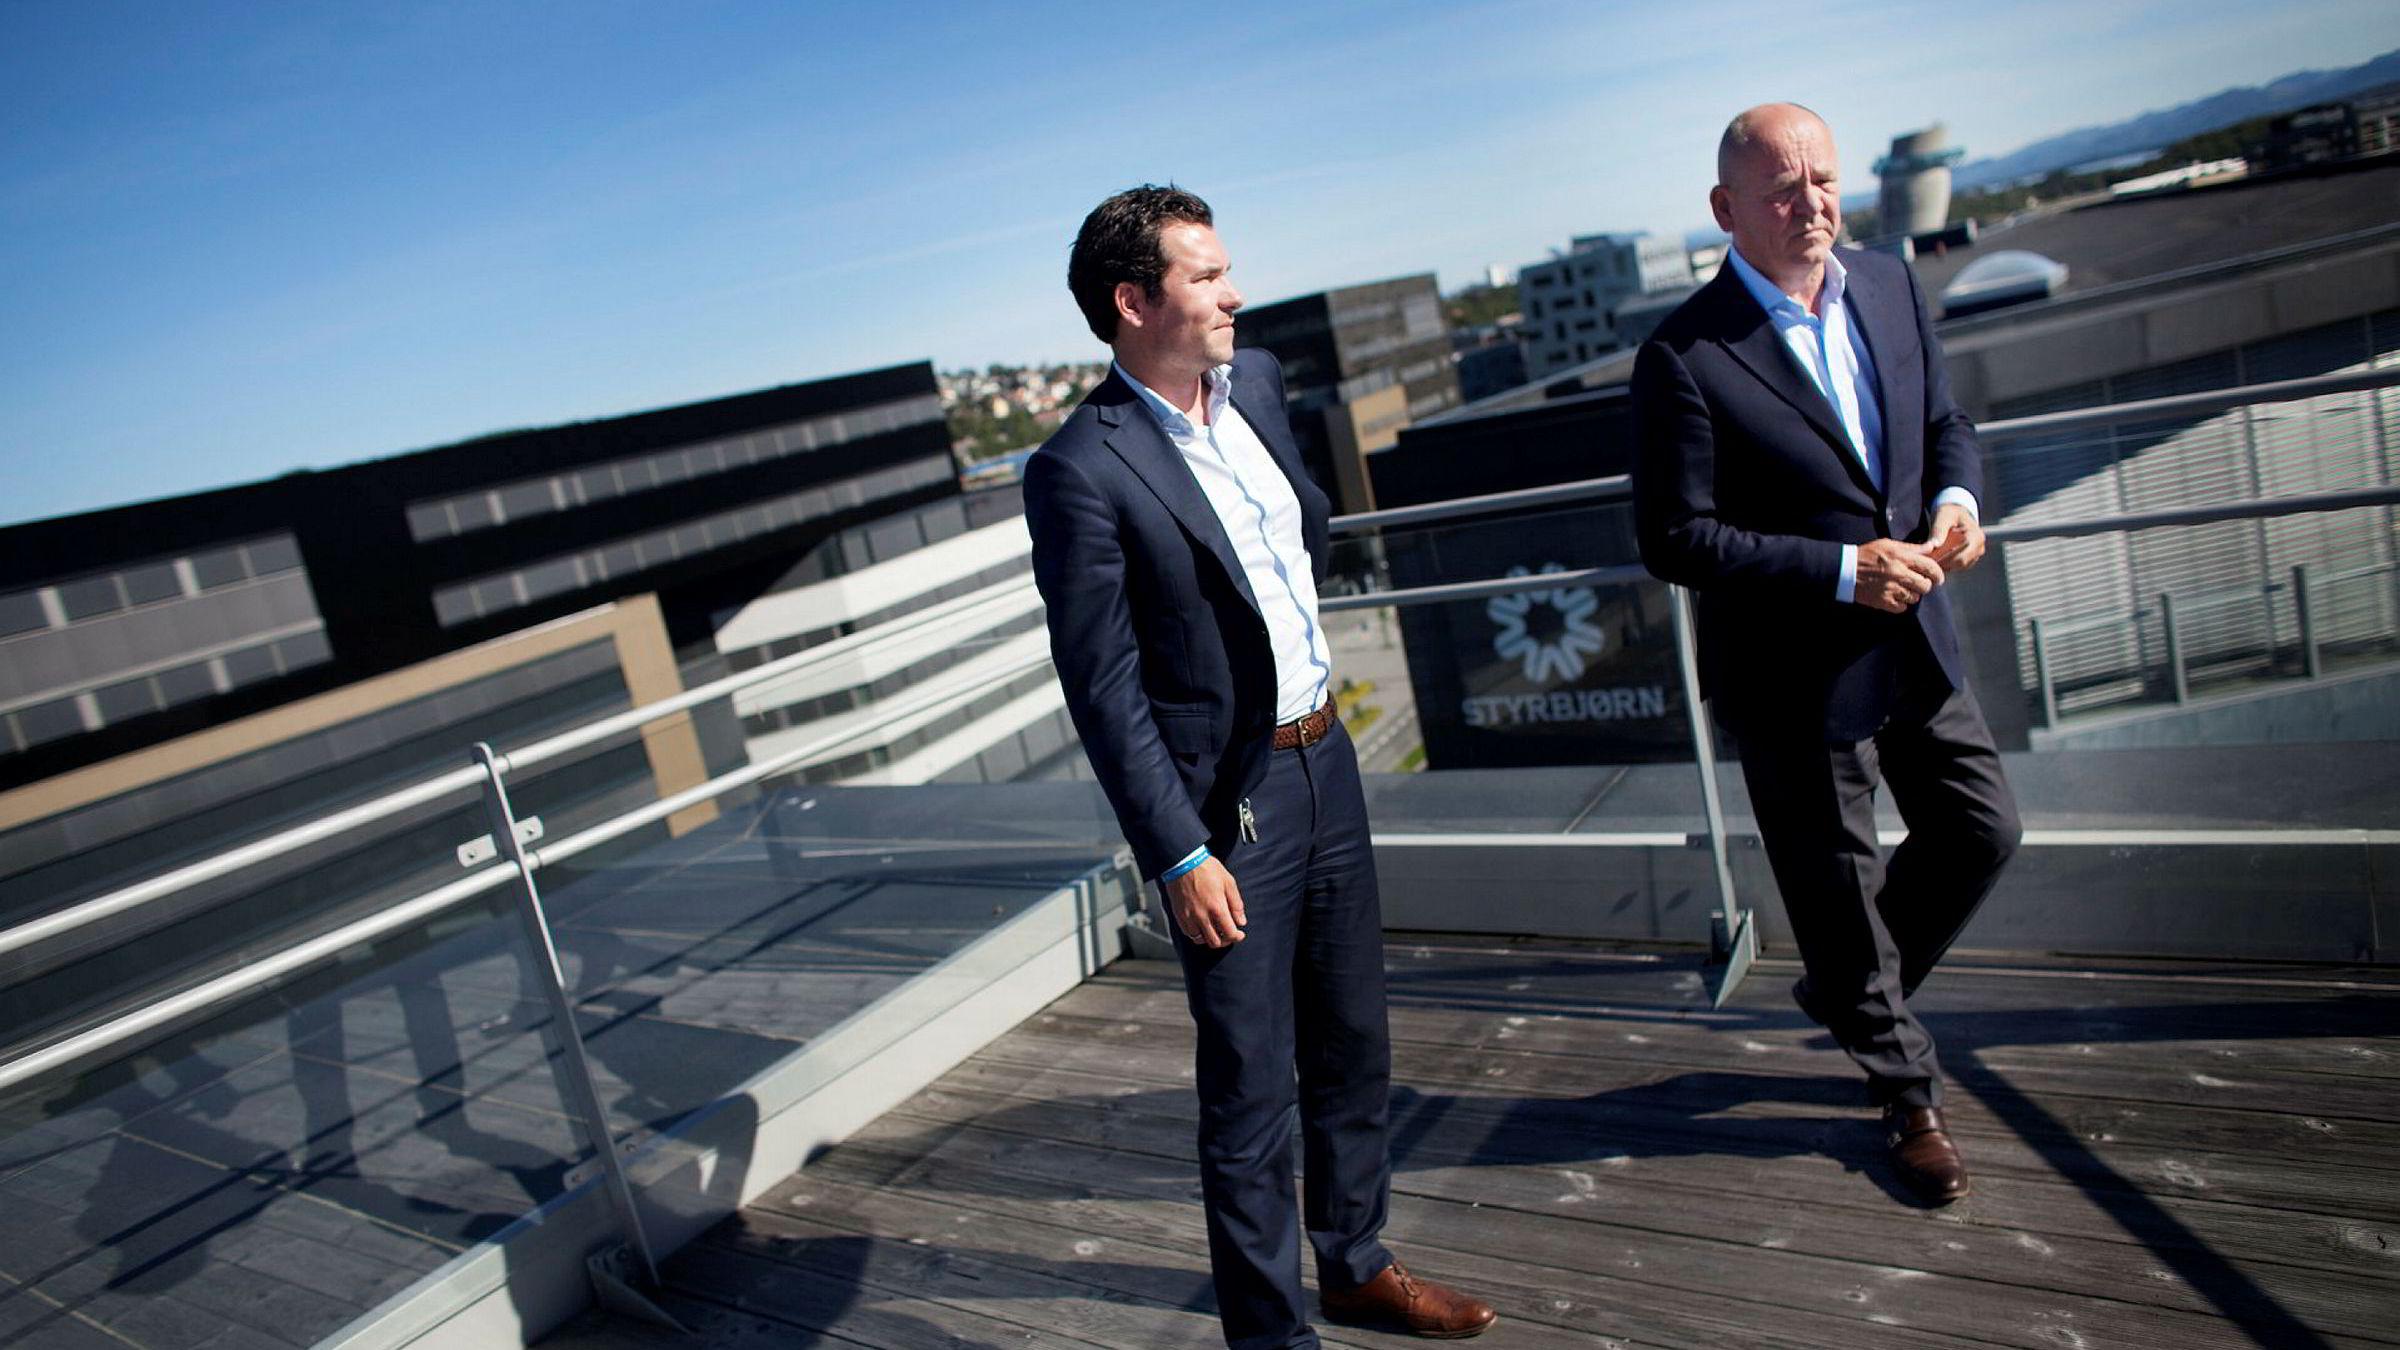 Sindre Ertvaag (til venstre) sammen med faren John Arild Ertvaag. Sammen med Øgreid-familien eier de Bavaria-konsernet.